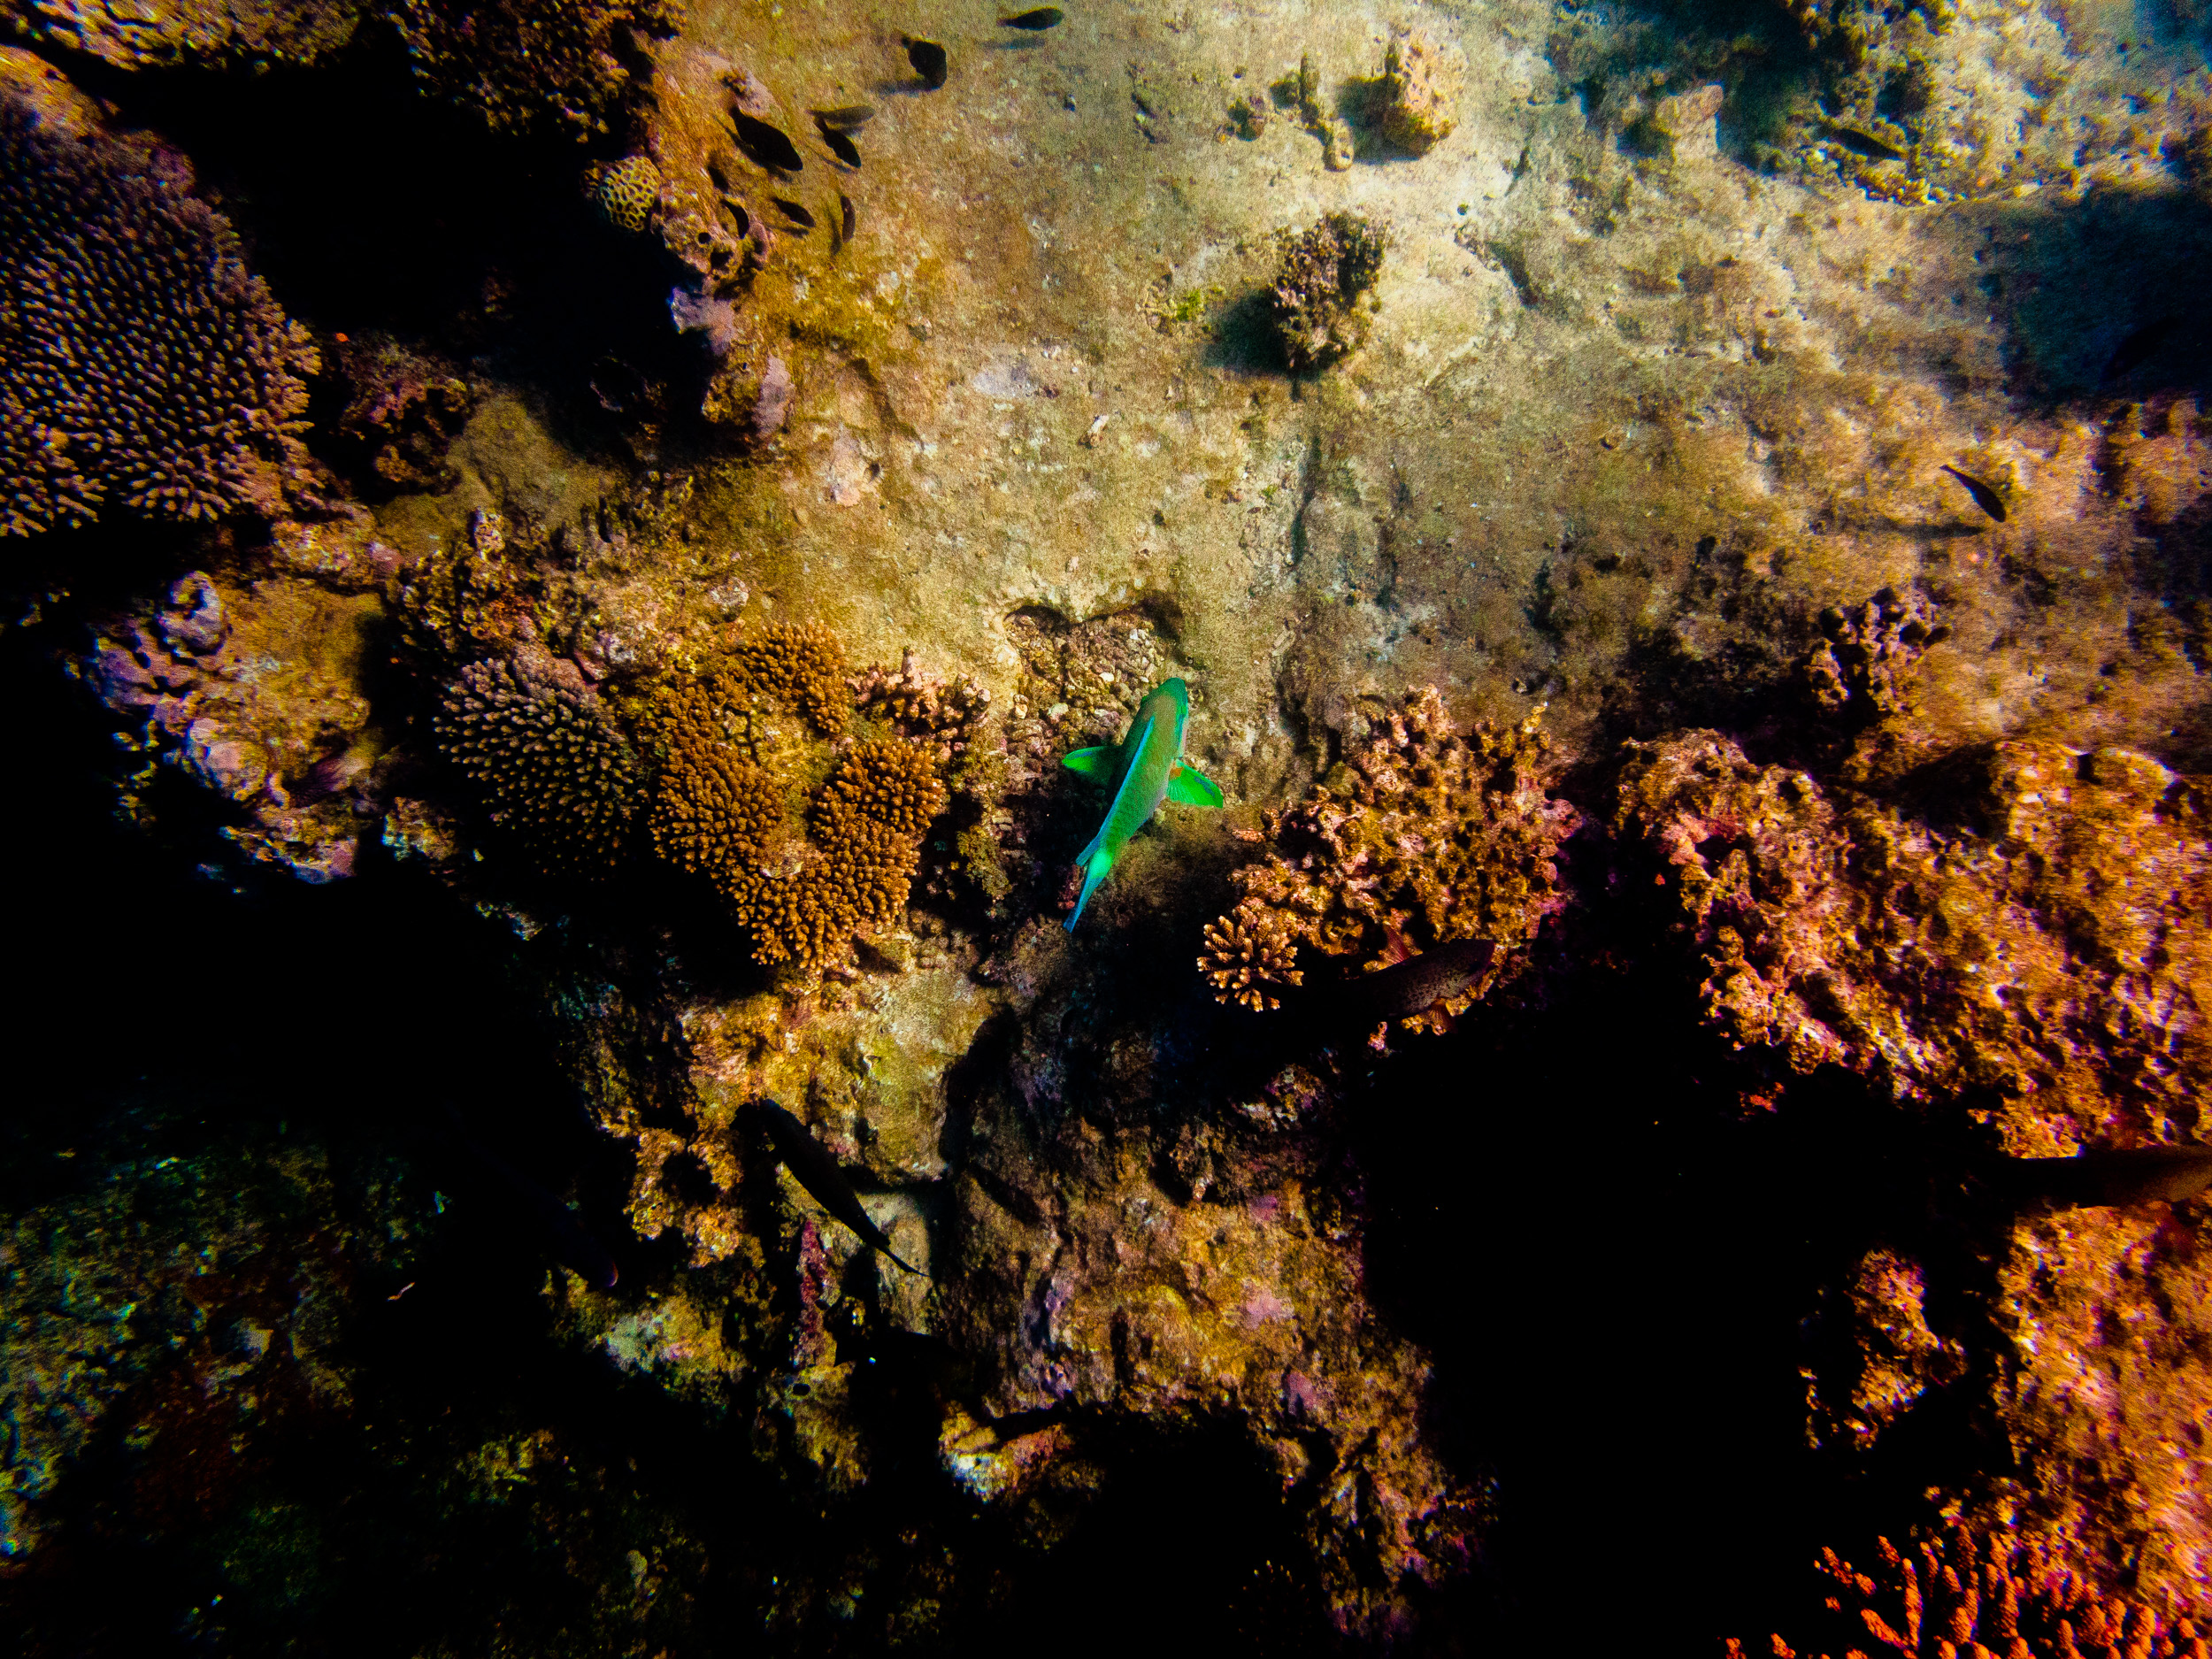 Spyrides_Kyle_Ningaloo_Reef_Sal_Salis.13.5.2016P5121622.jpg